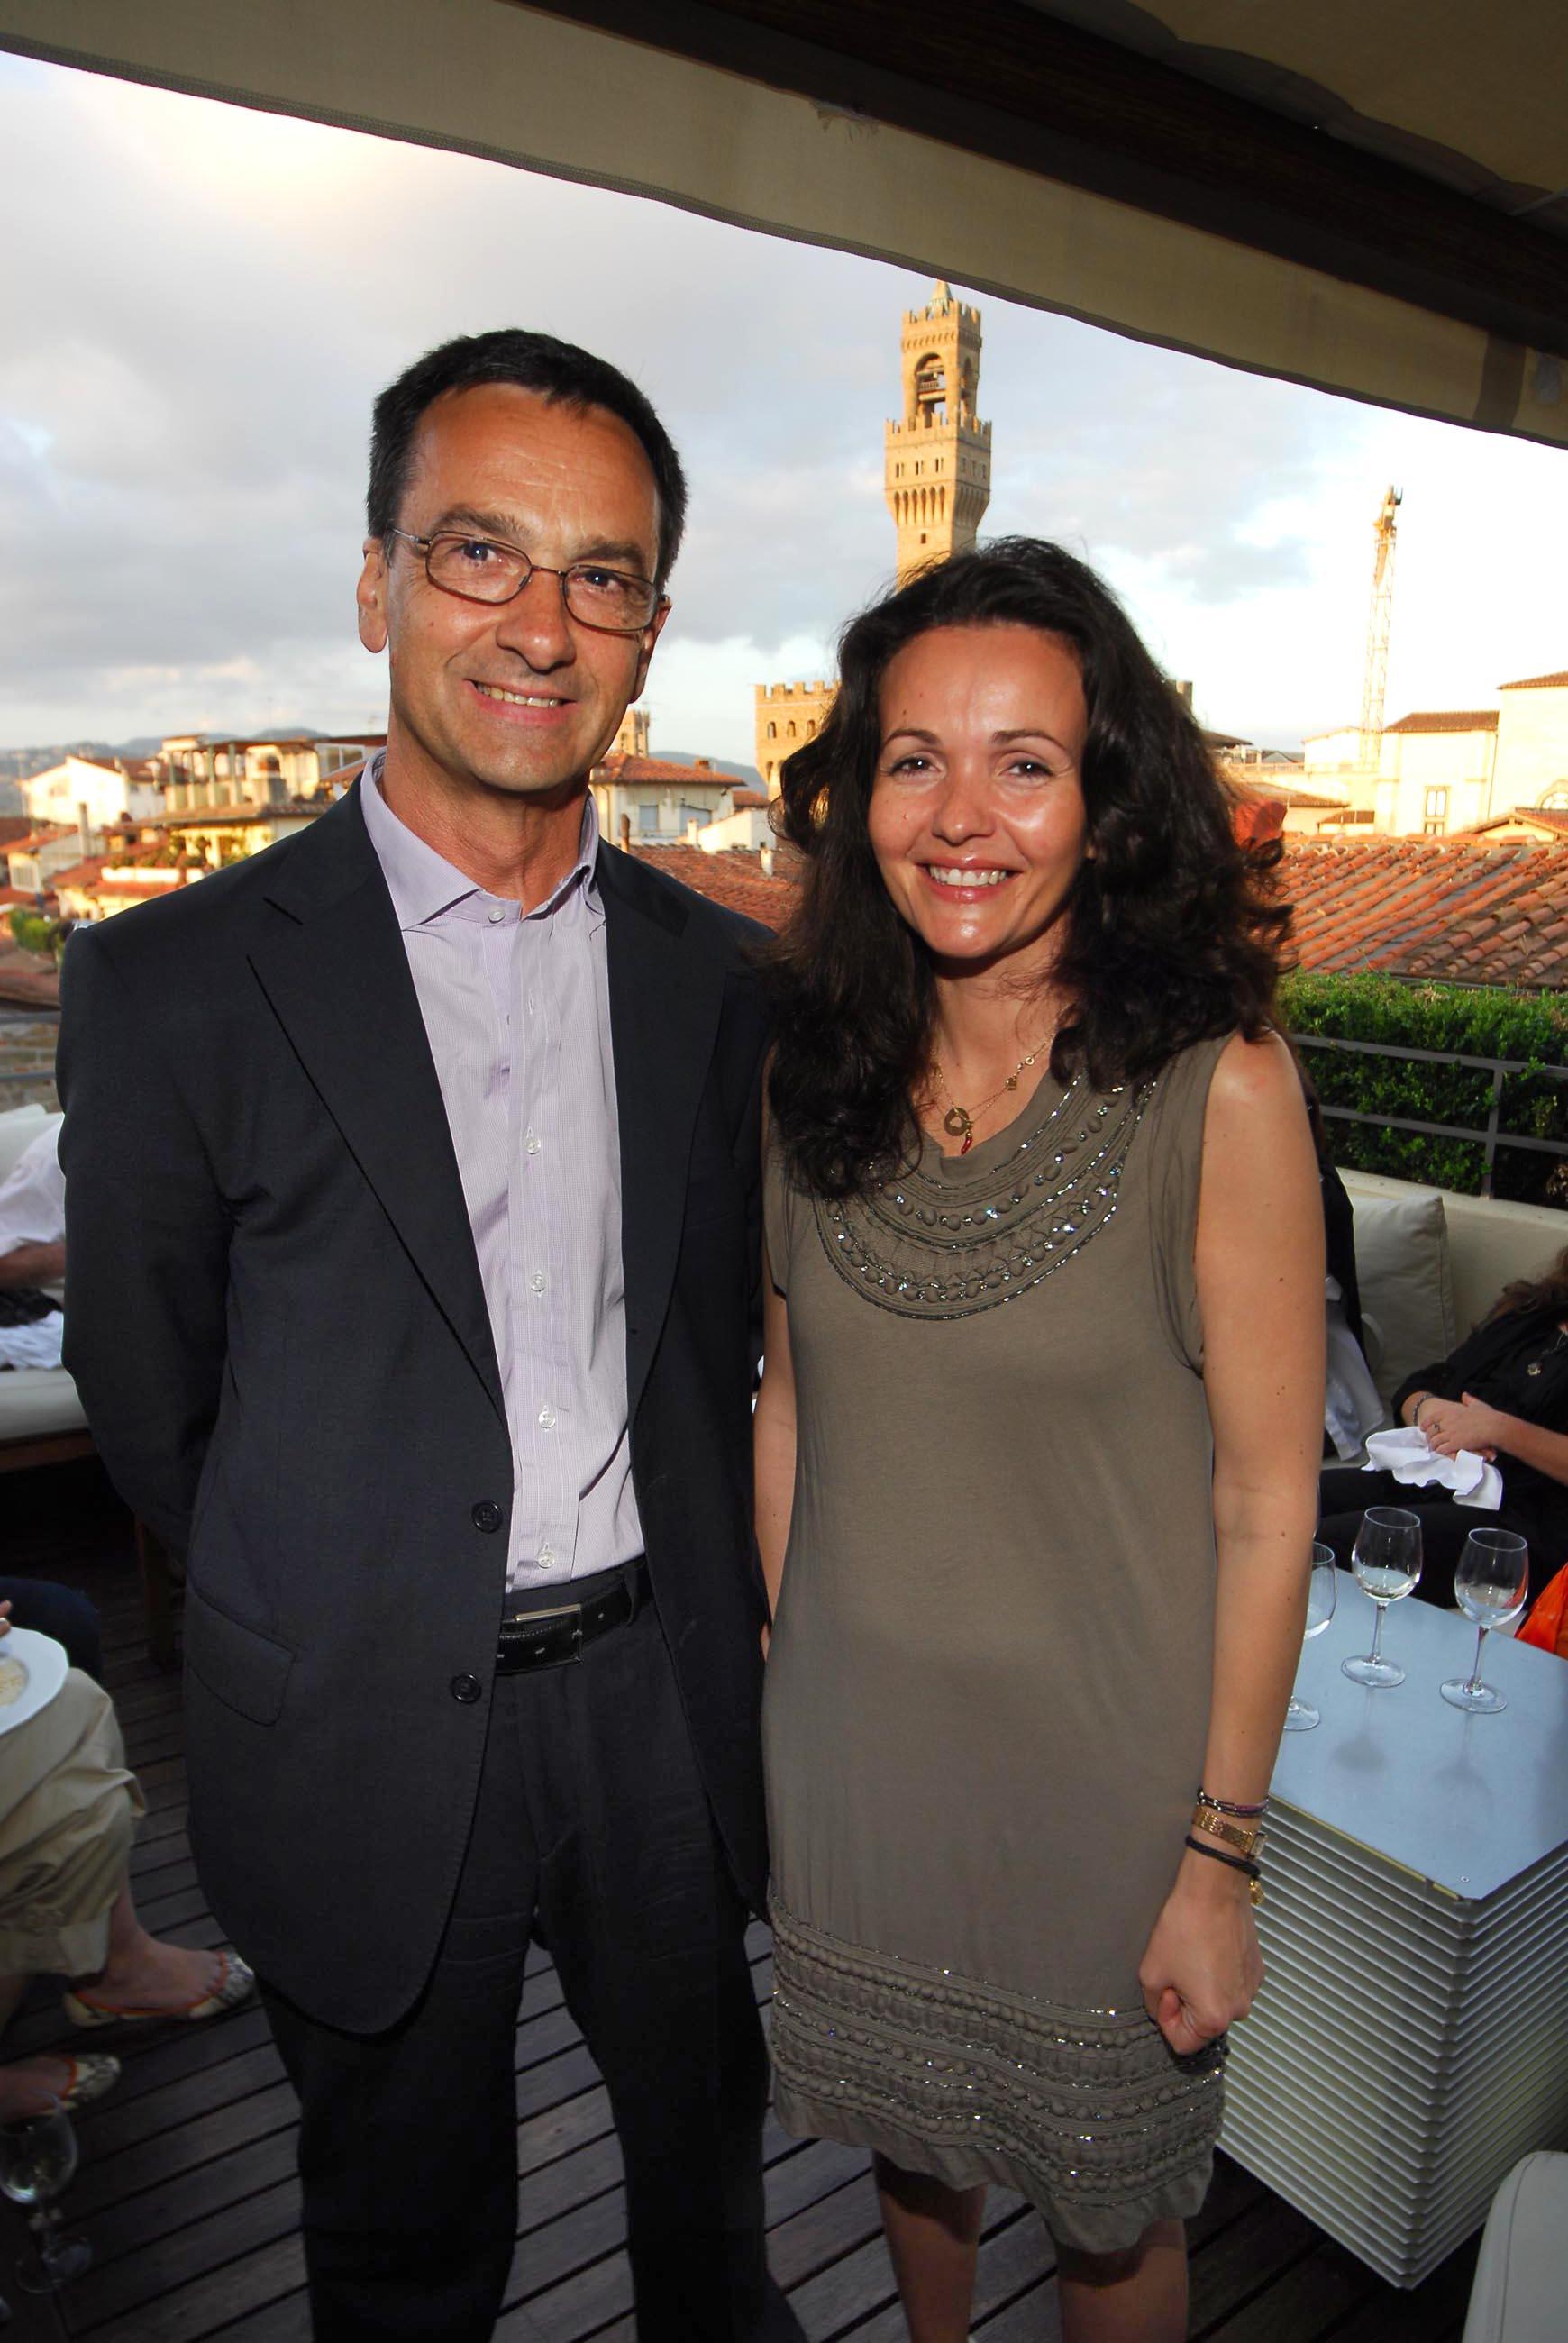 PRESSPHOTO  Firenze, Hotel Continentale. Nella foto Giancarlo Carlesi e Ilaria Taddeucci Sassolini